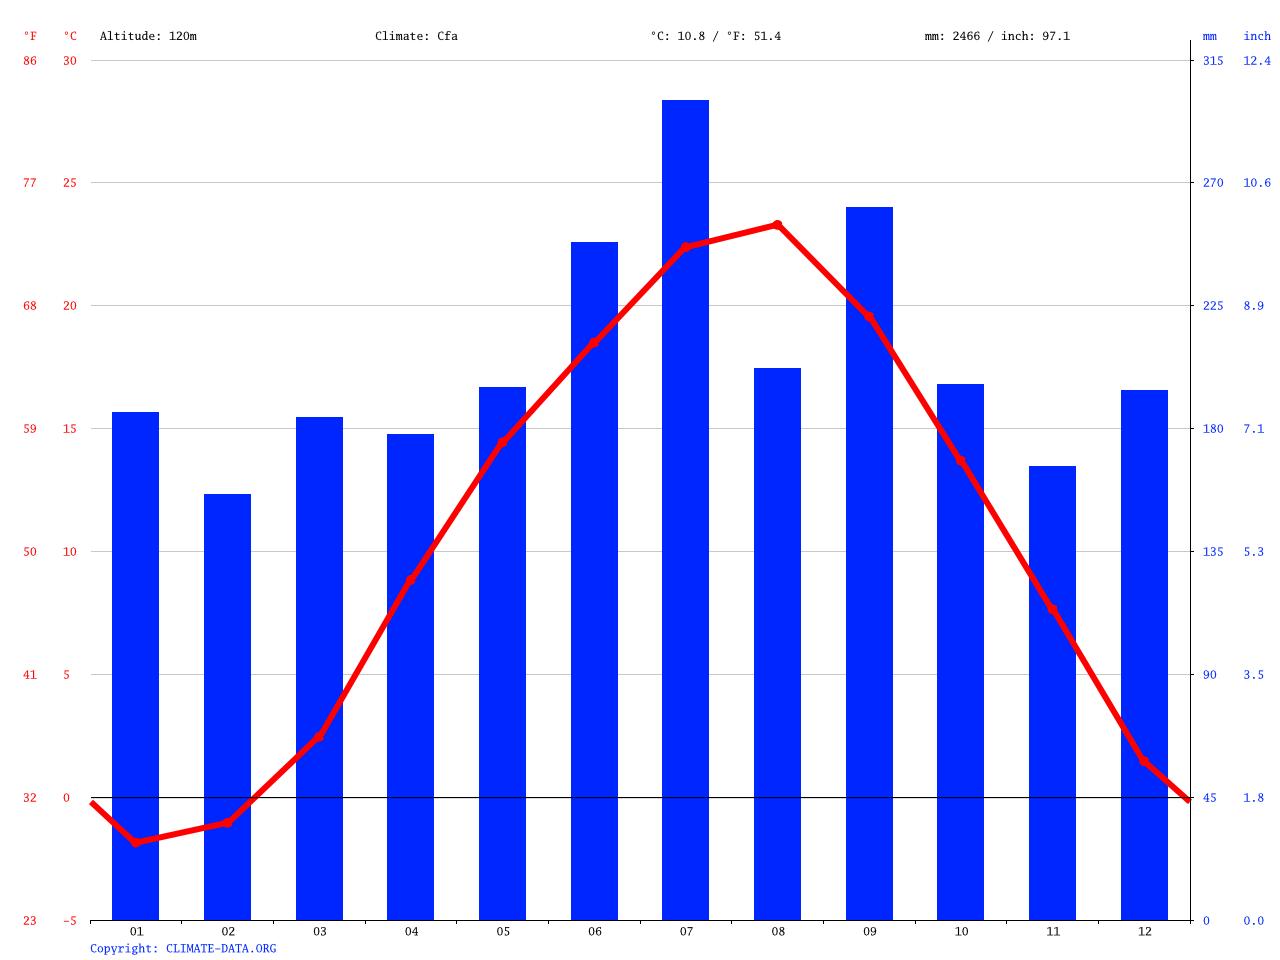 気候:勝山市-気候グラフ、気温グラフ、雨温図 - Climate-Data.org